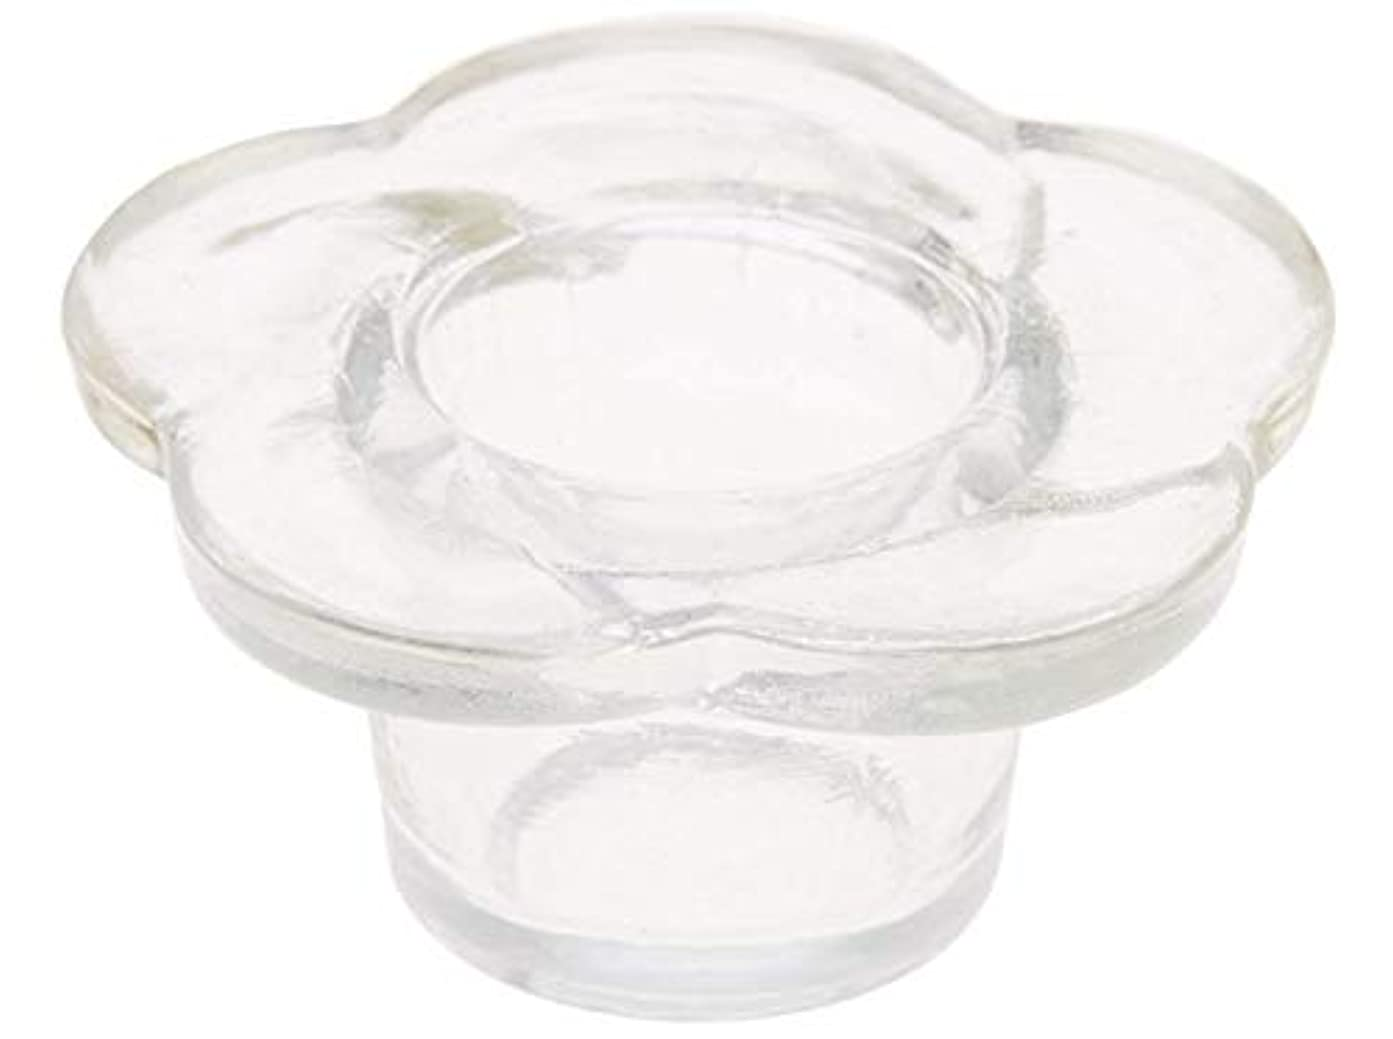 ピカリング食欲破滅的なダッペンディッシュ ADP380 花びら型 ネイル アクリル スカルプチュア アクリルリキッド リムーバー入れ 3Dアート ジェル ブラシ 筆 クリーナー 洗浄 お手入れ